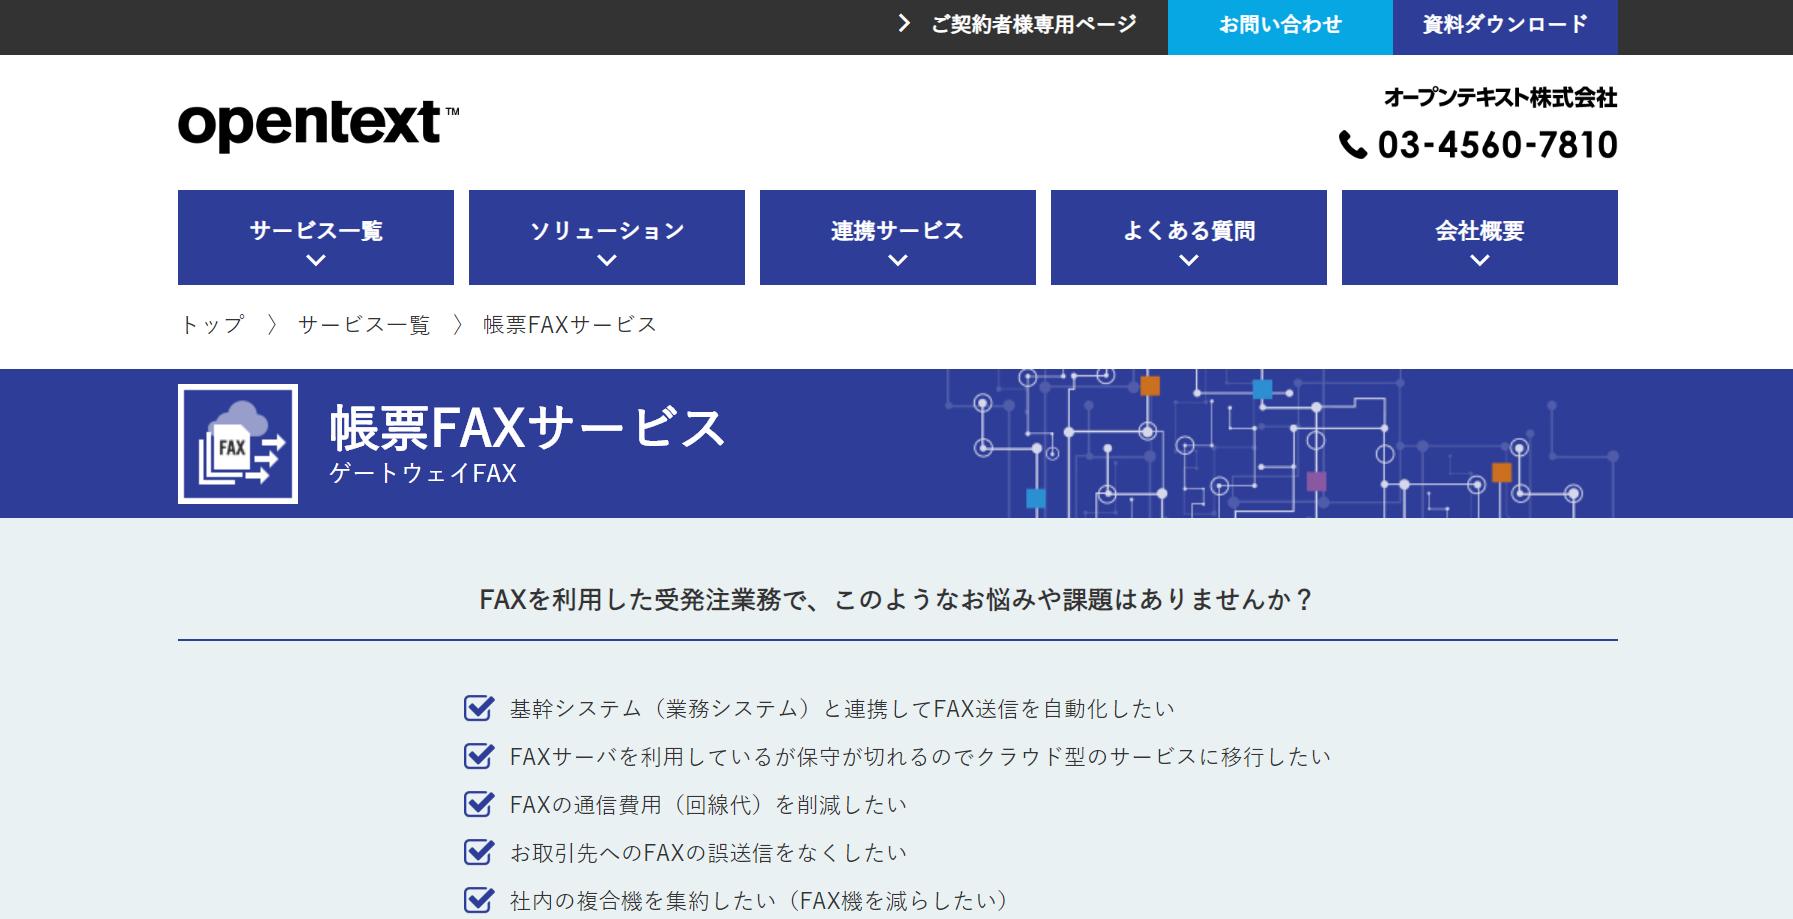 ゲートウェイFAX 帳票FAXサービス